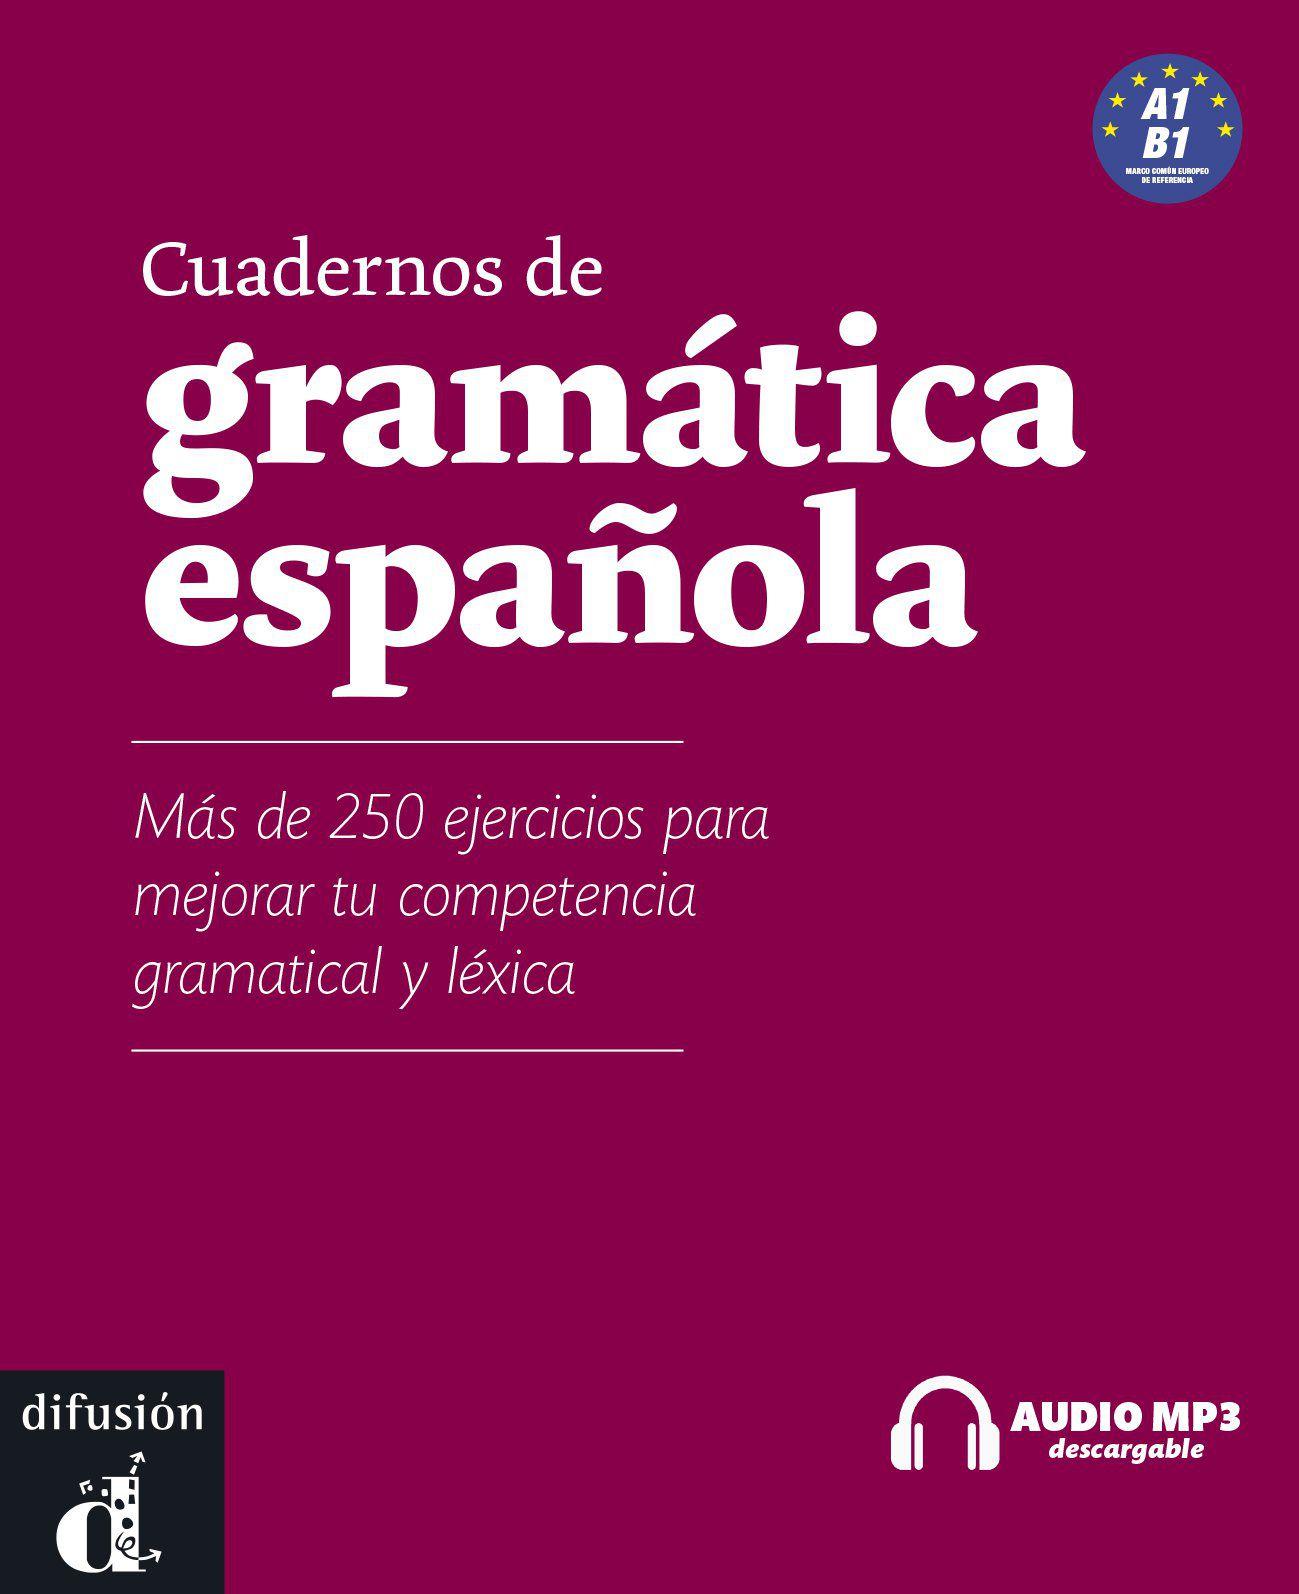 CUADERNOS DE GRAMATICA ESPANOLA A1-B1 - LIBRO CON